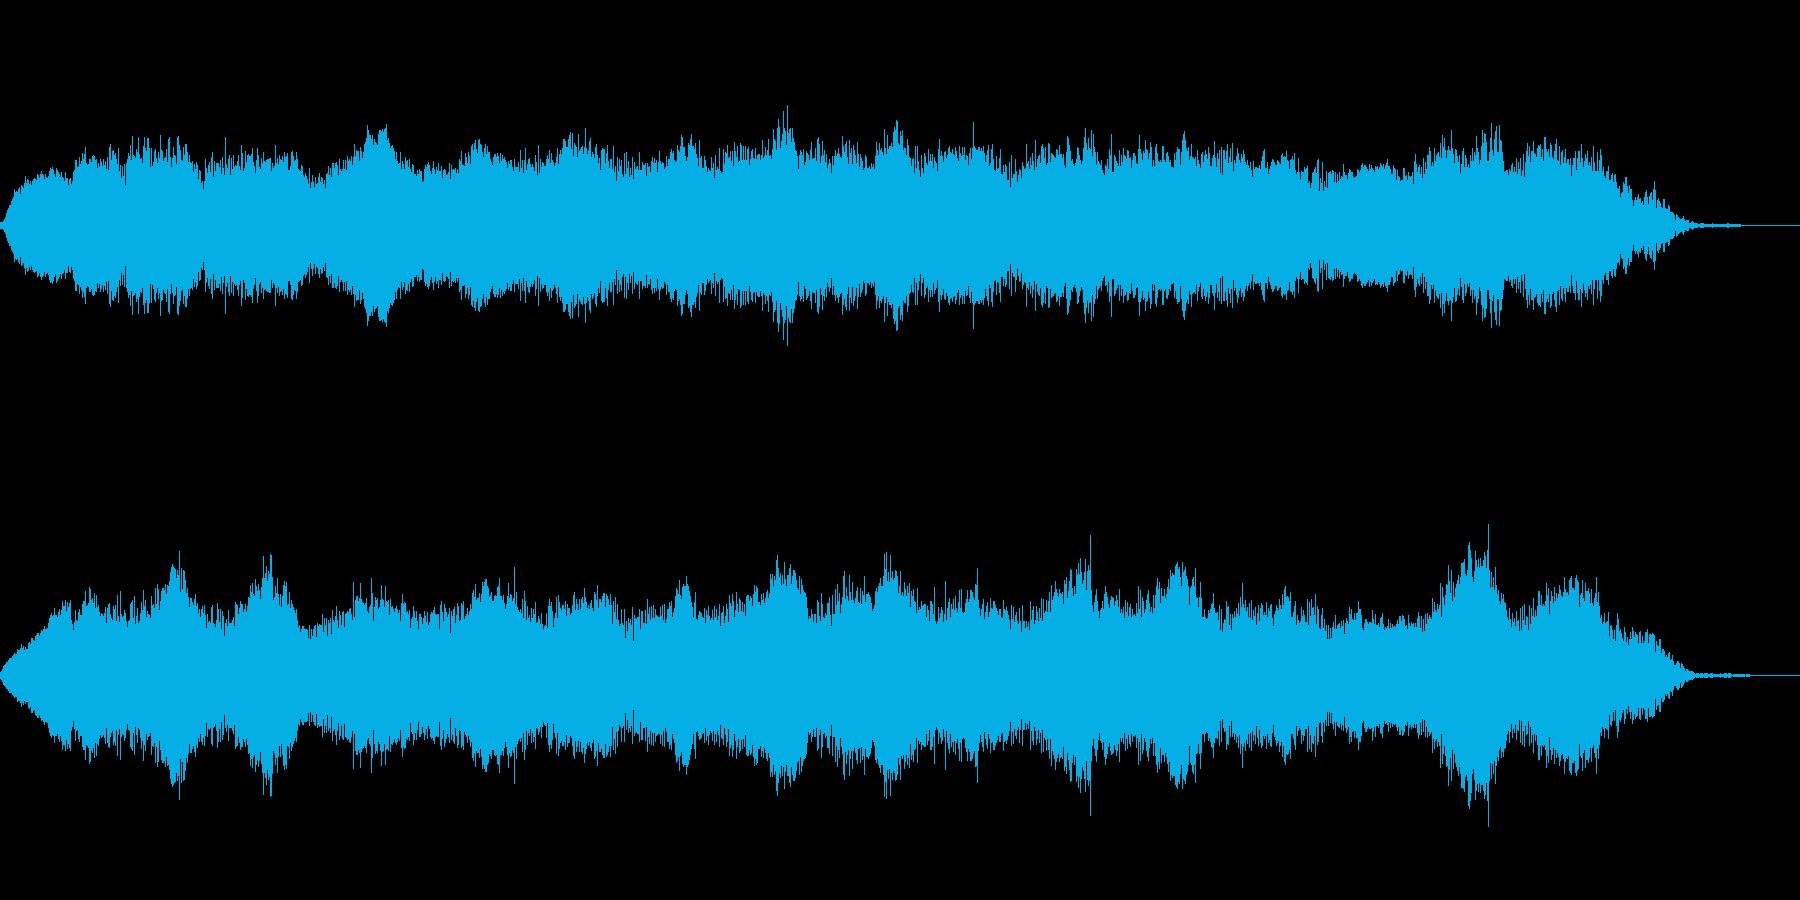 ハイブランドのコンセプトムービーに変身の再生済みの波形